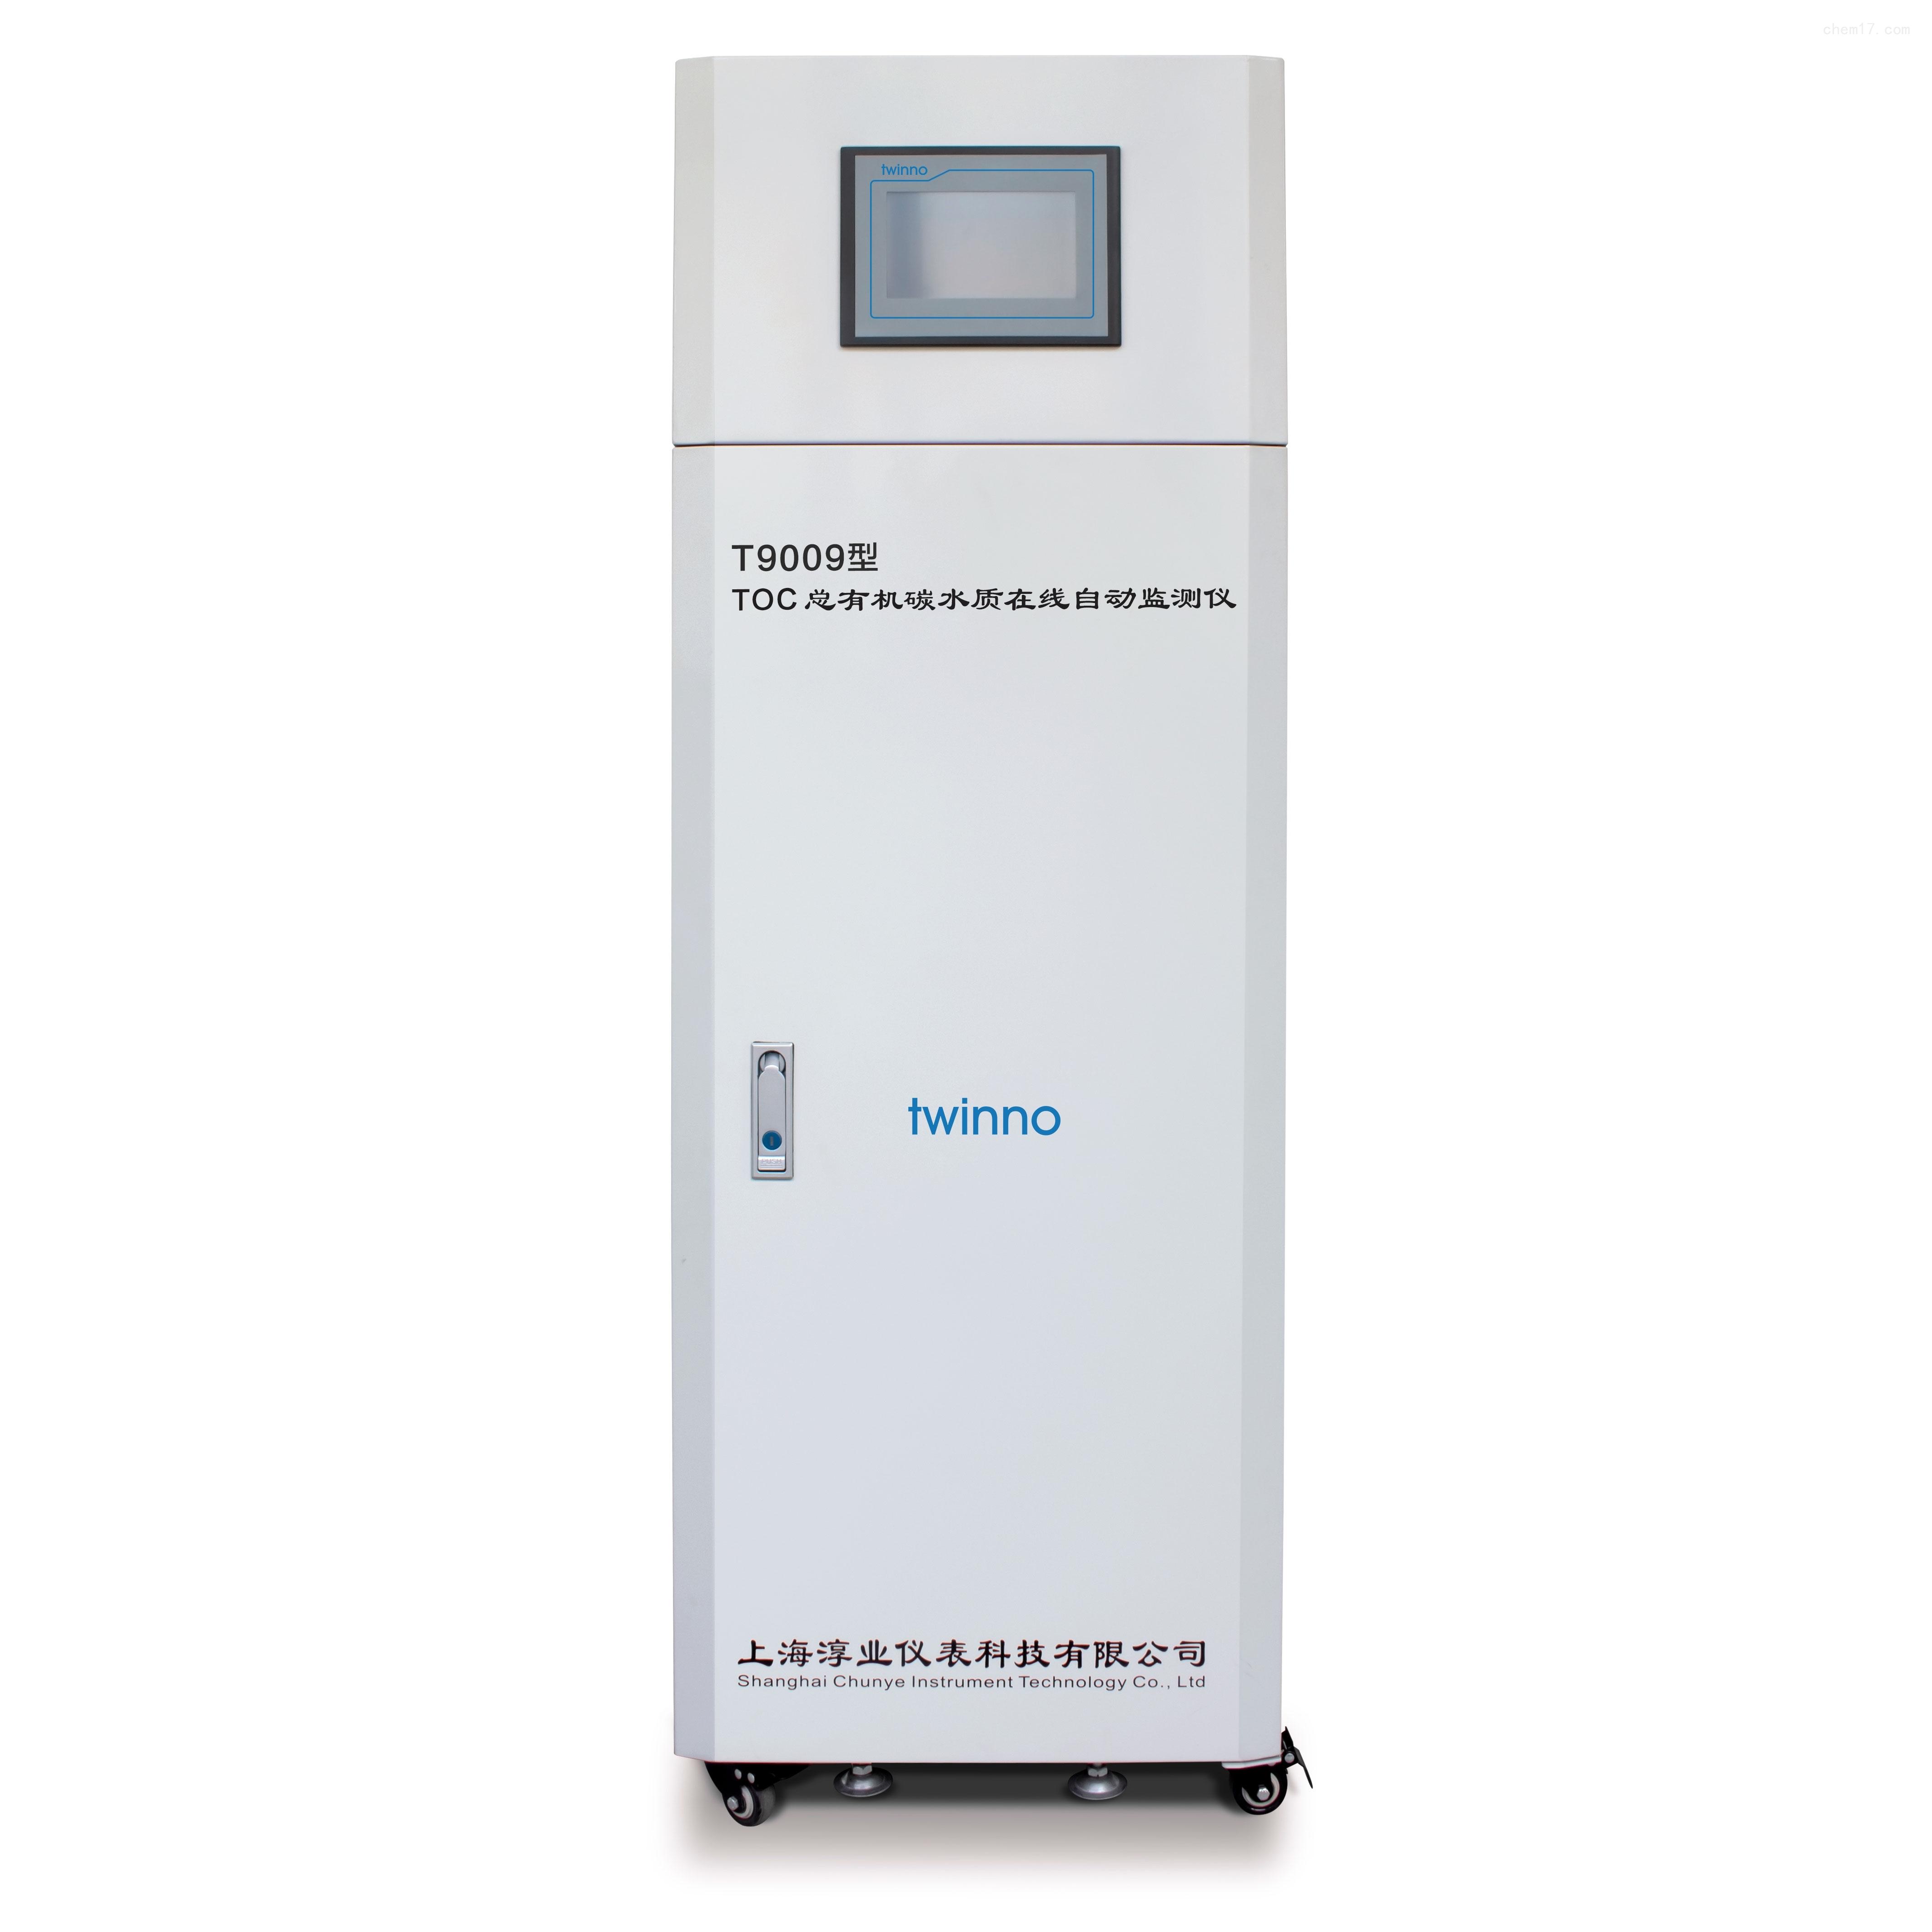 总有机碳在线监测仪